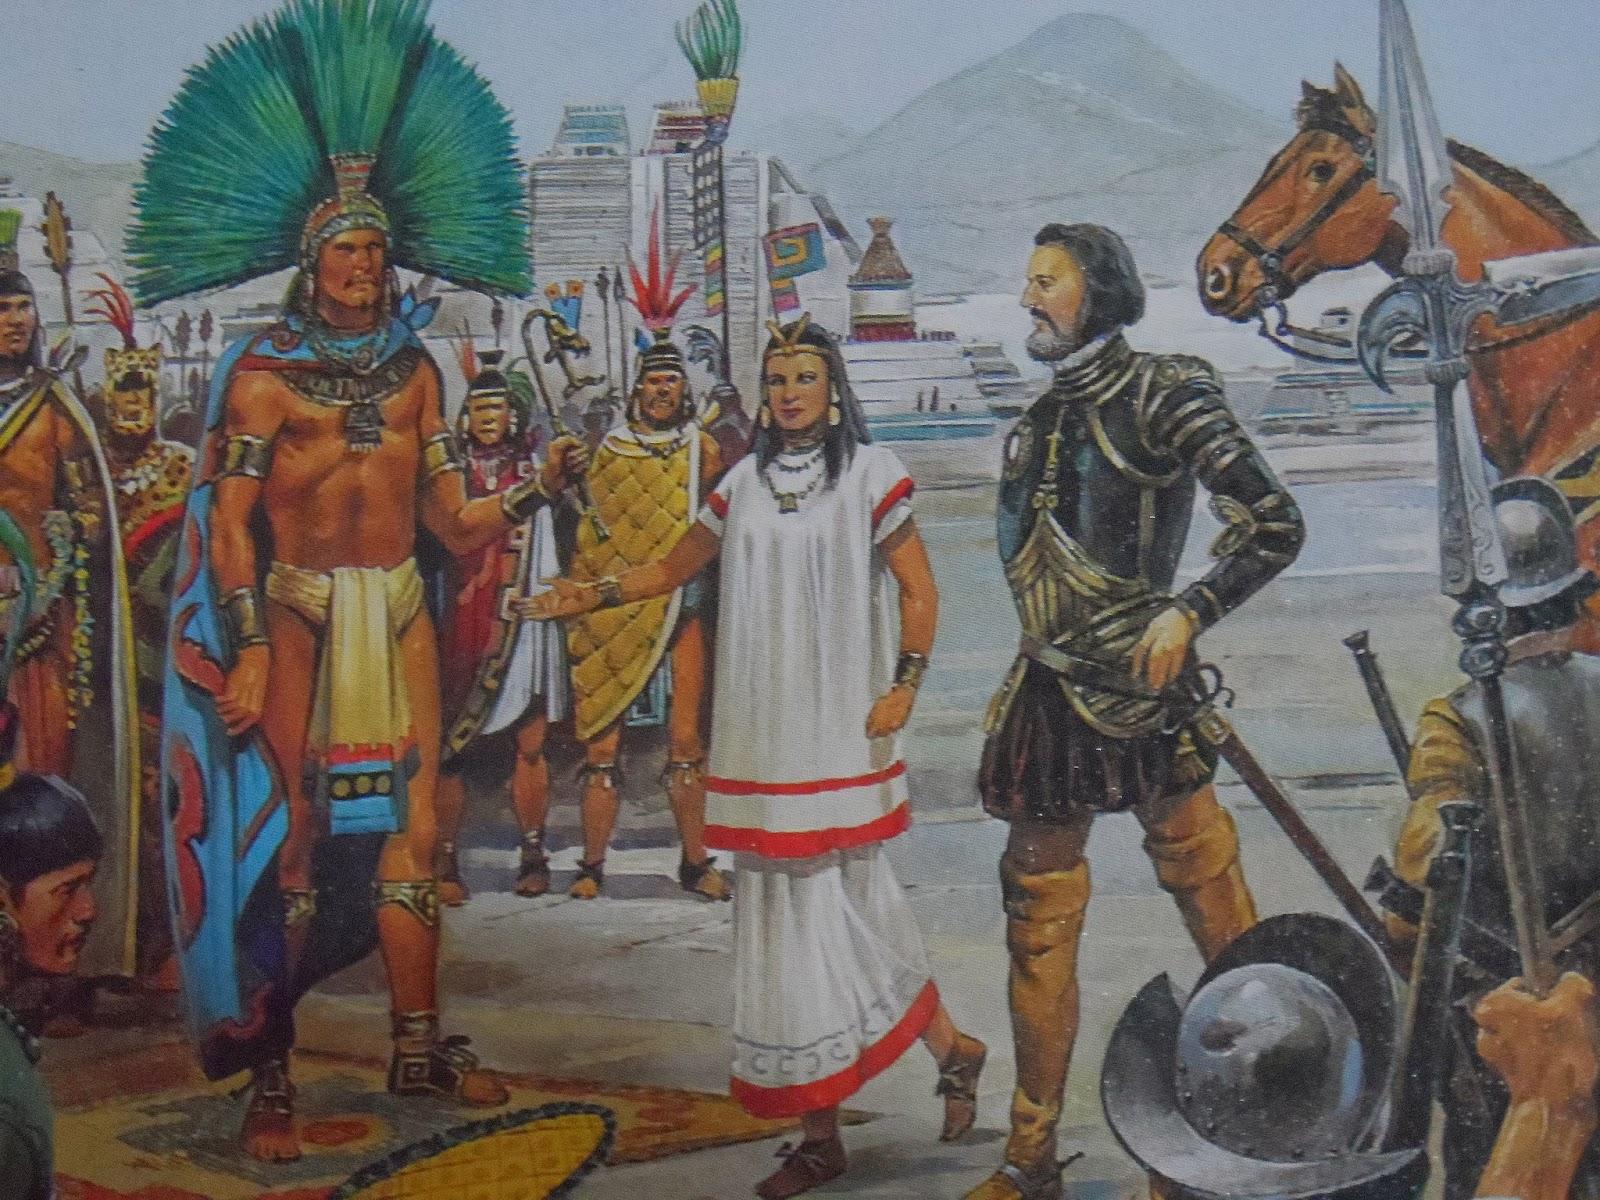 Las expediciones espa olas y la conquista de tenochtitl n for El cuarto poder 2 0